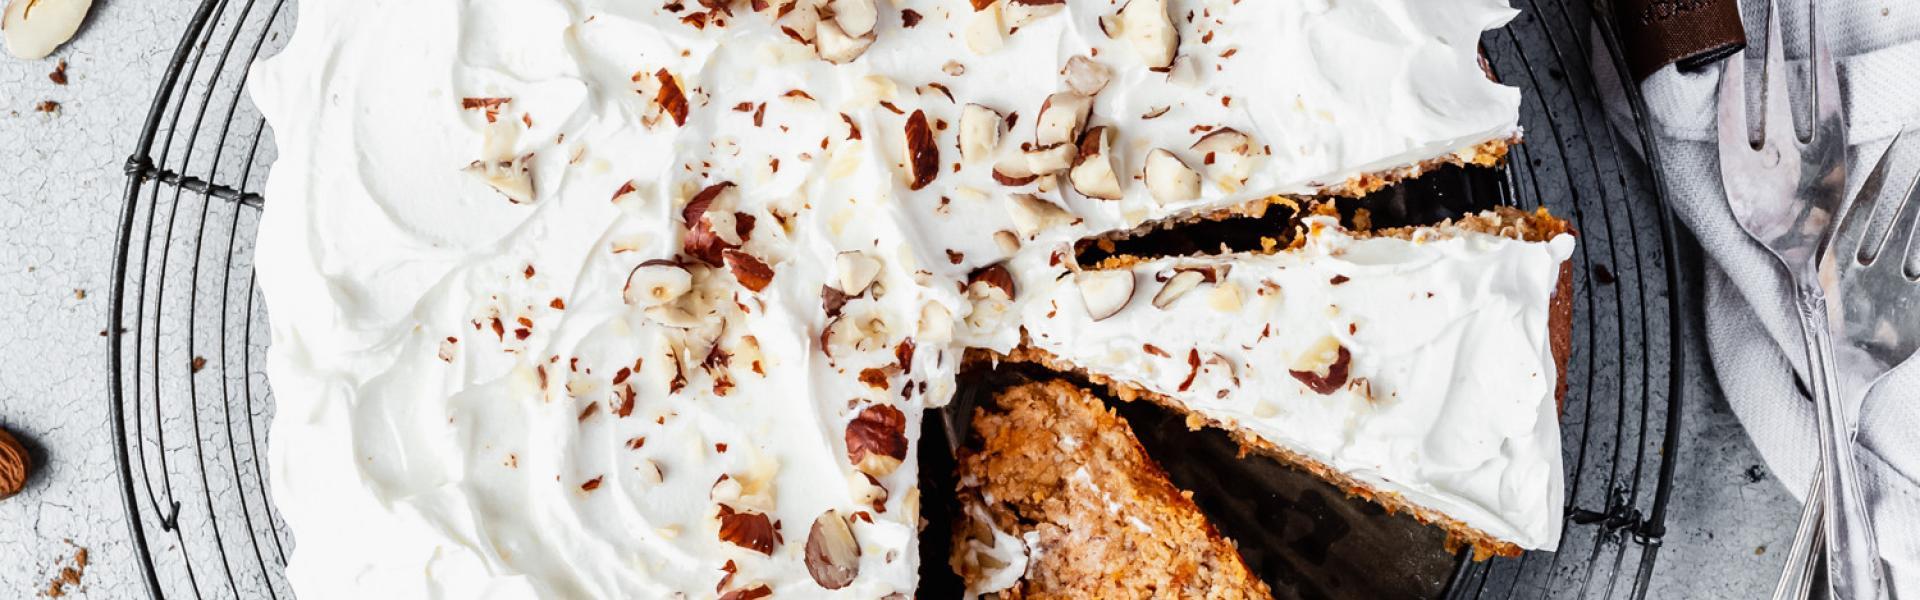 Low Carb Karottenkuchen mit Frosting angeschnitten auf einer Kuchenplatte.